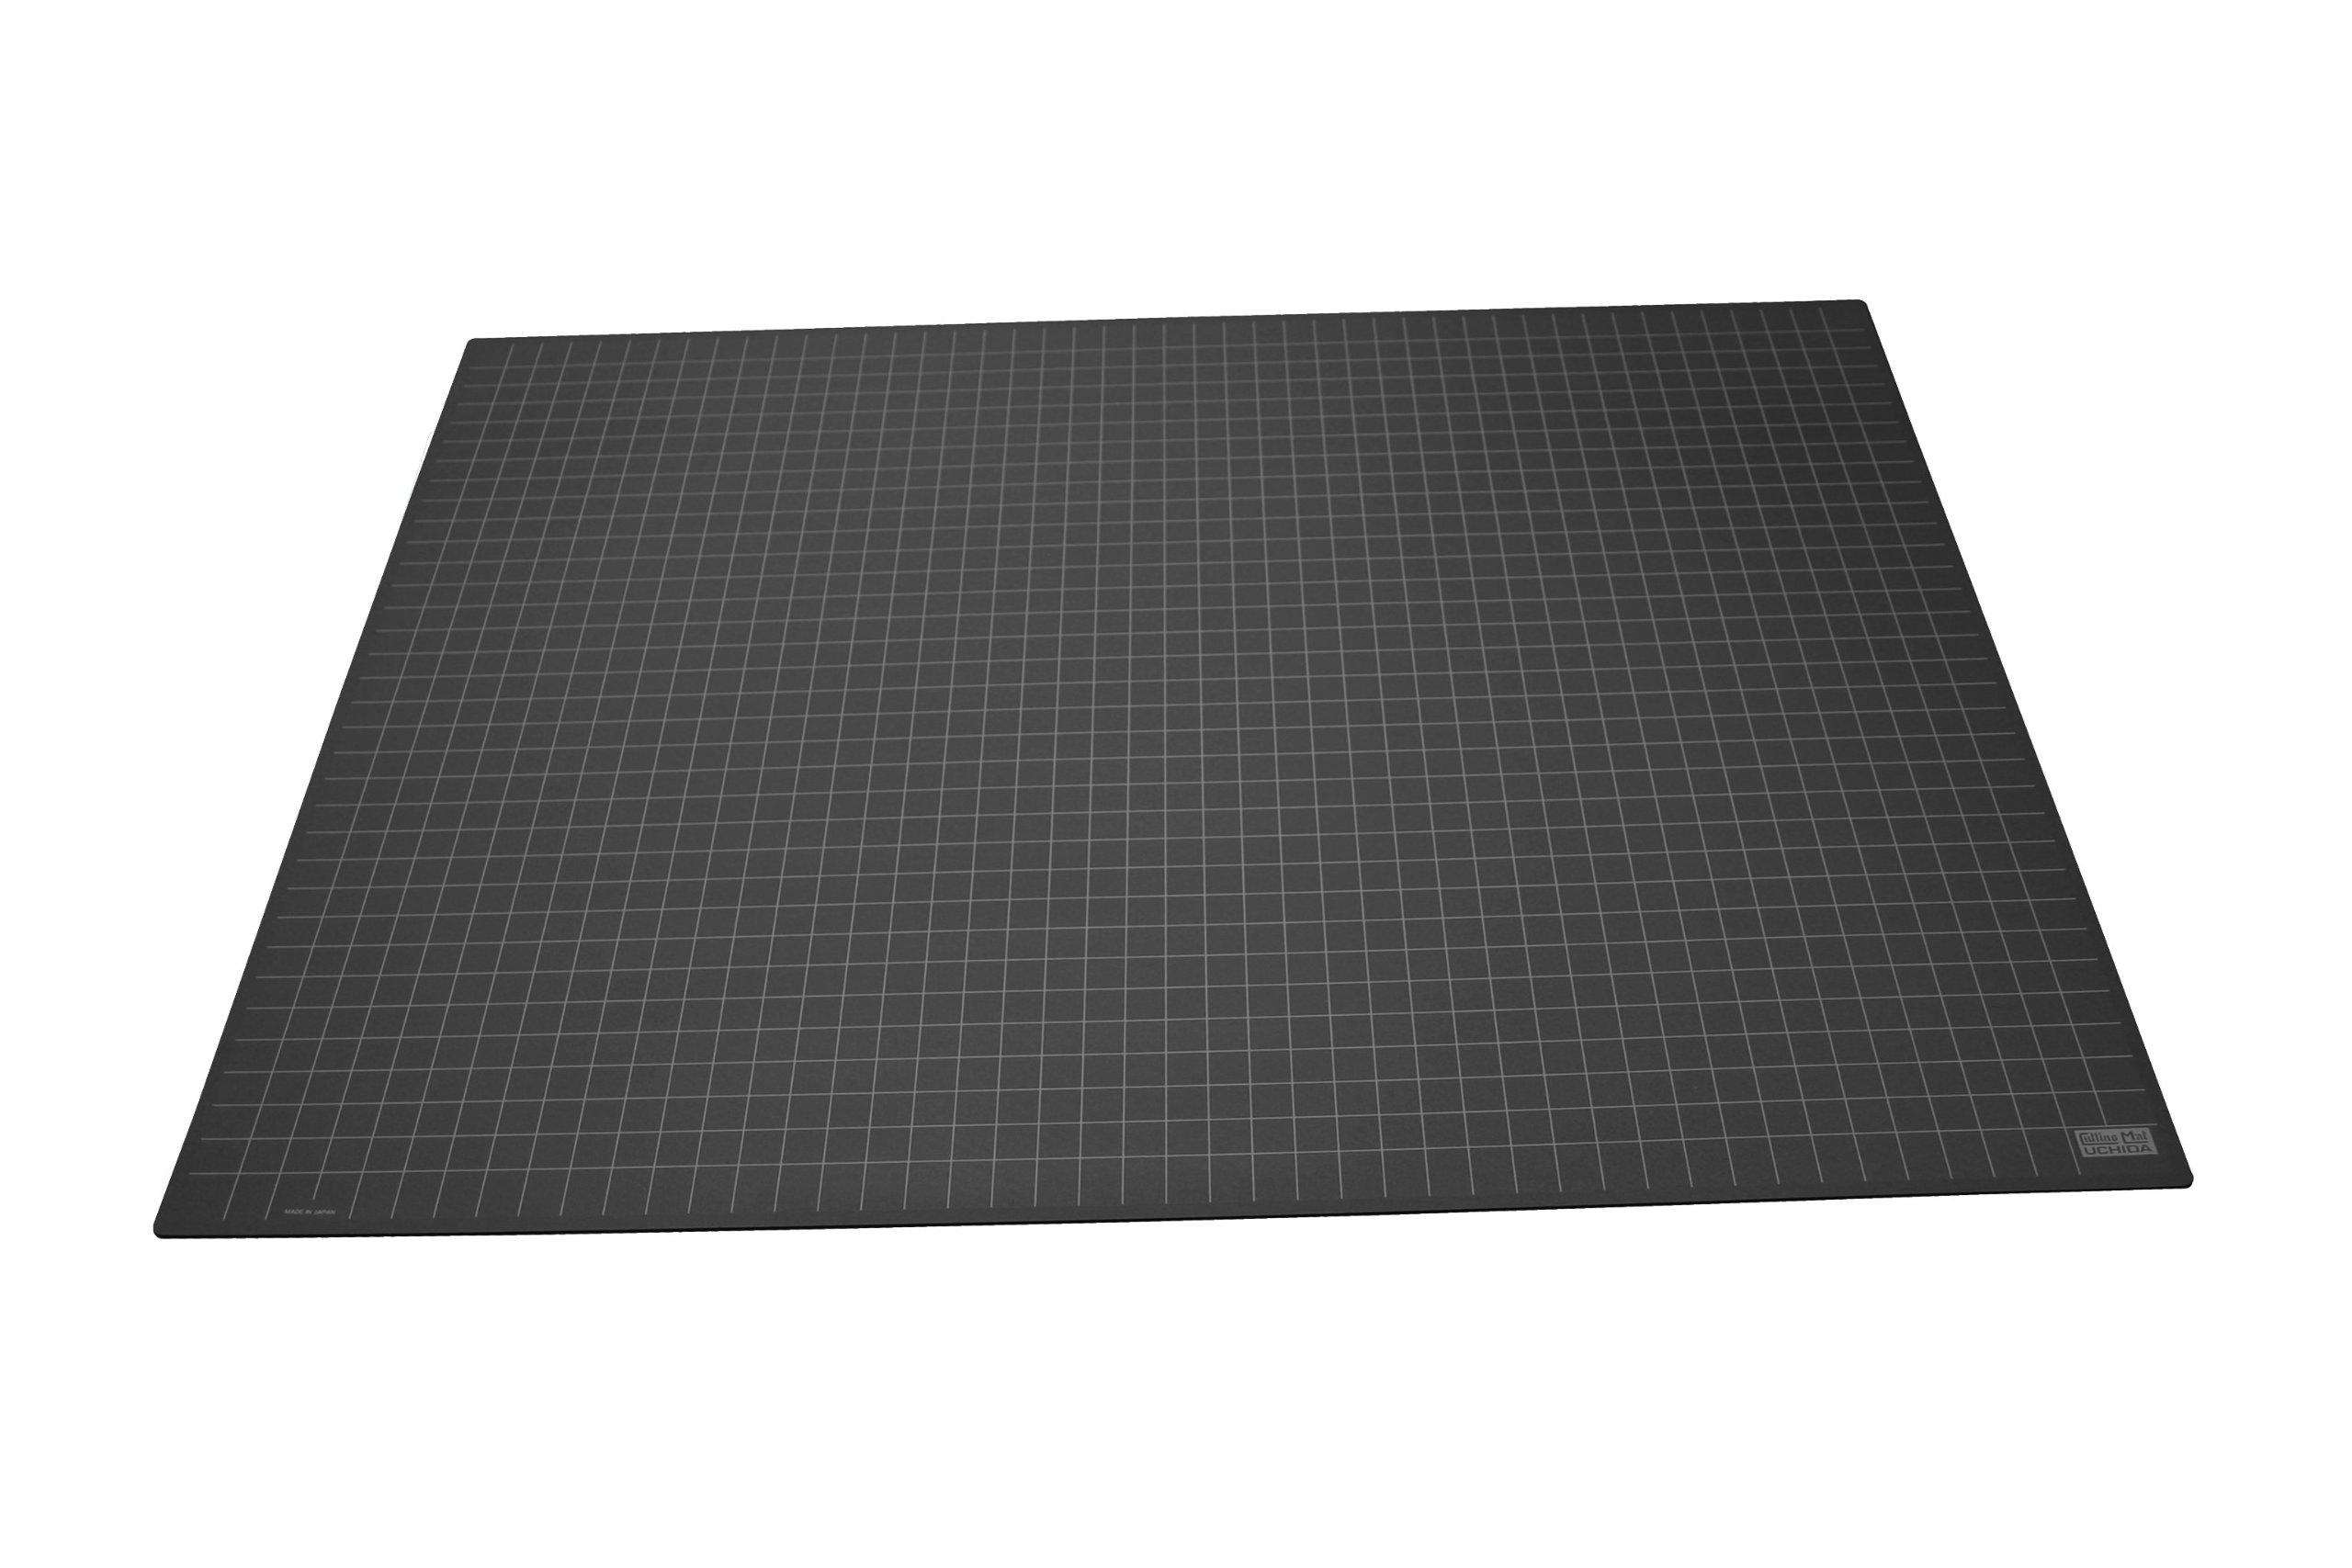 Uchida BLL Marvy Opaque Cutting Mat, Black, 36-Inch by 48-Inch by UCHIDA